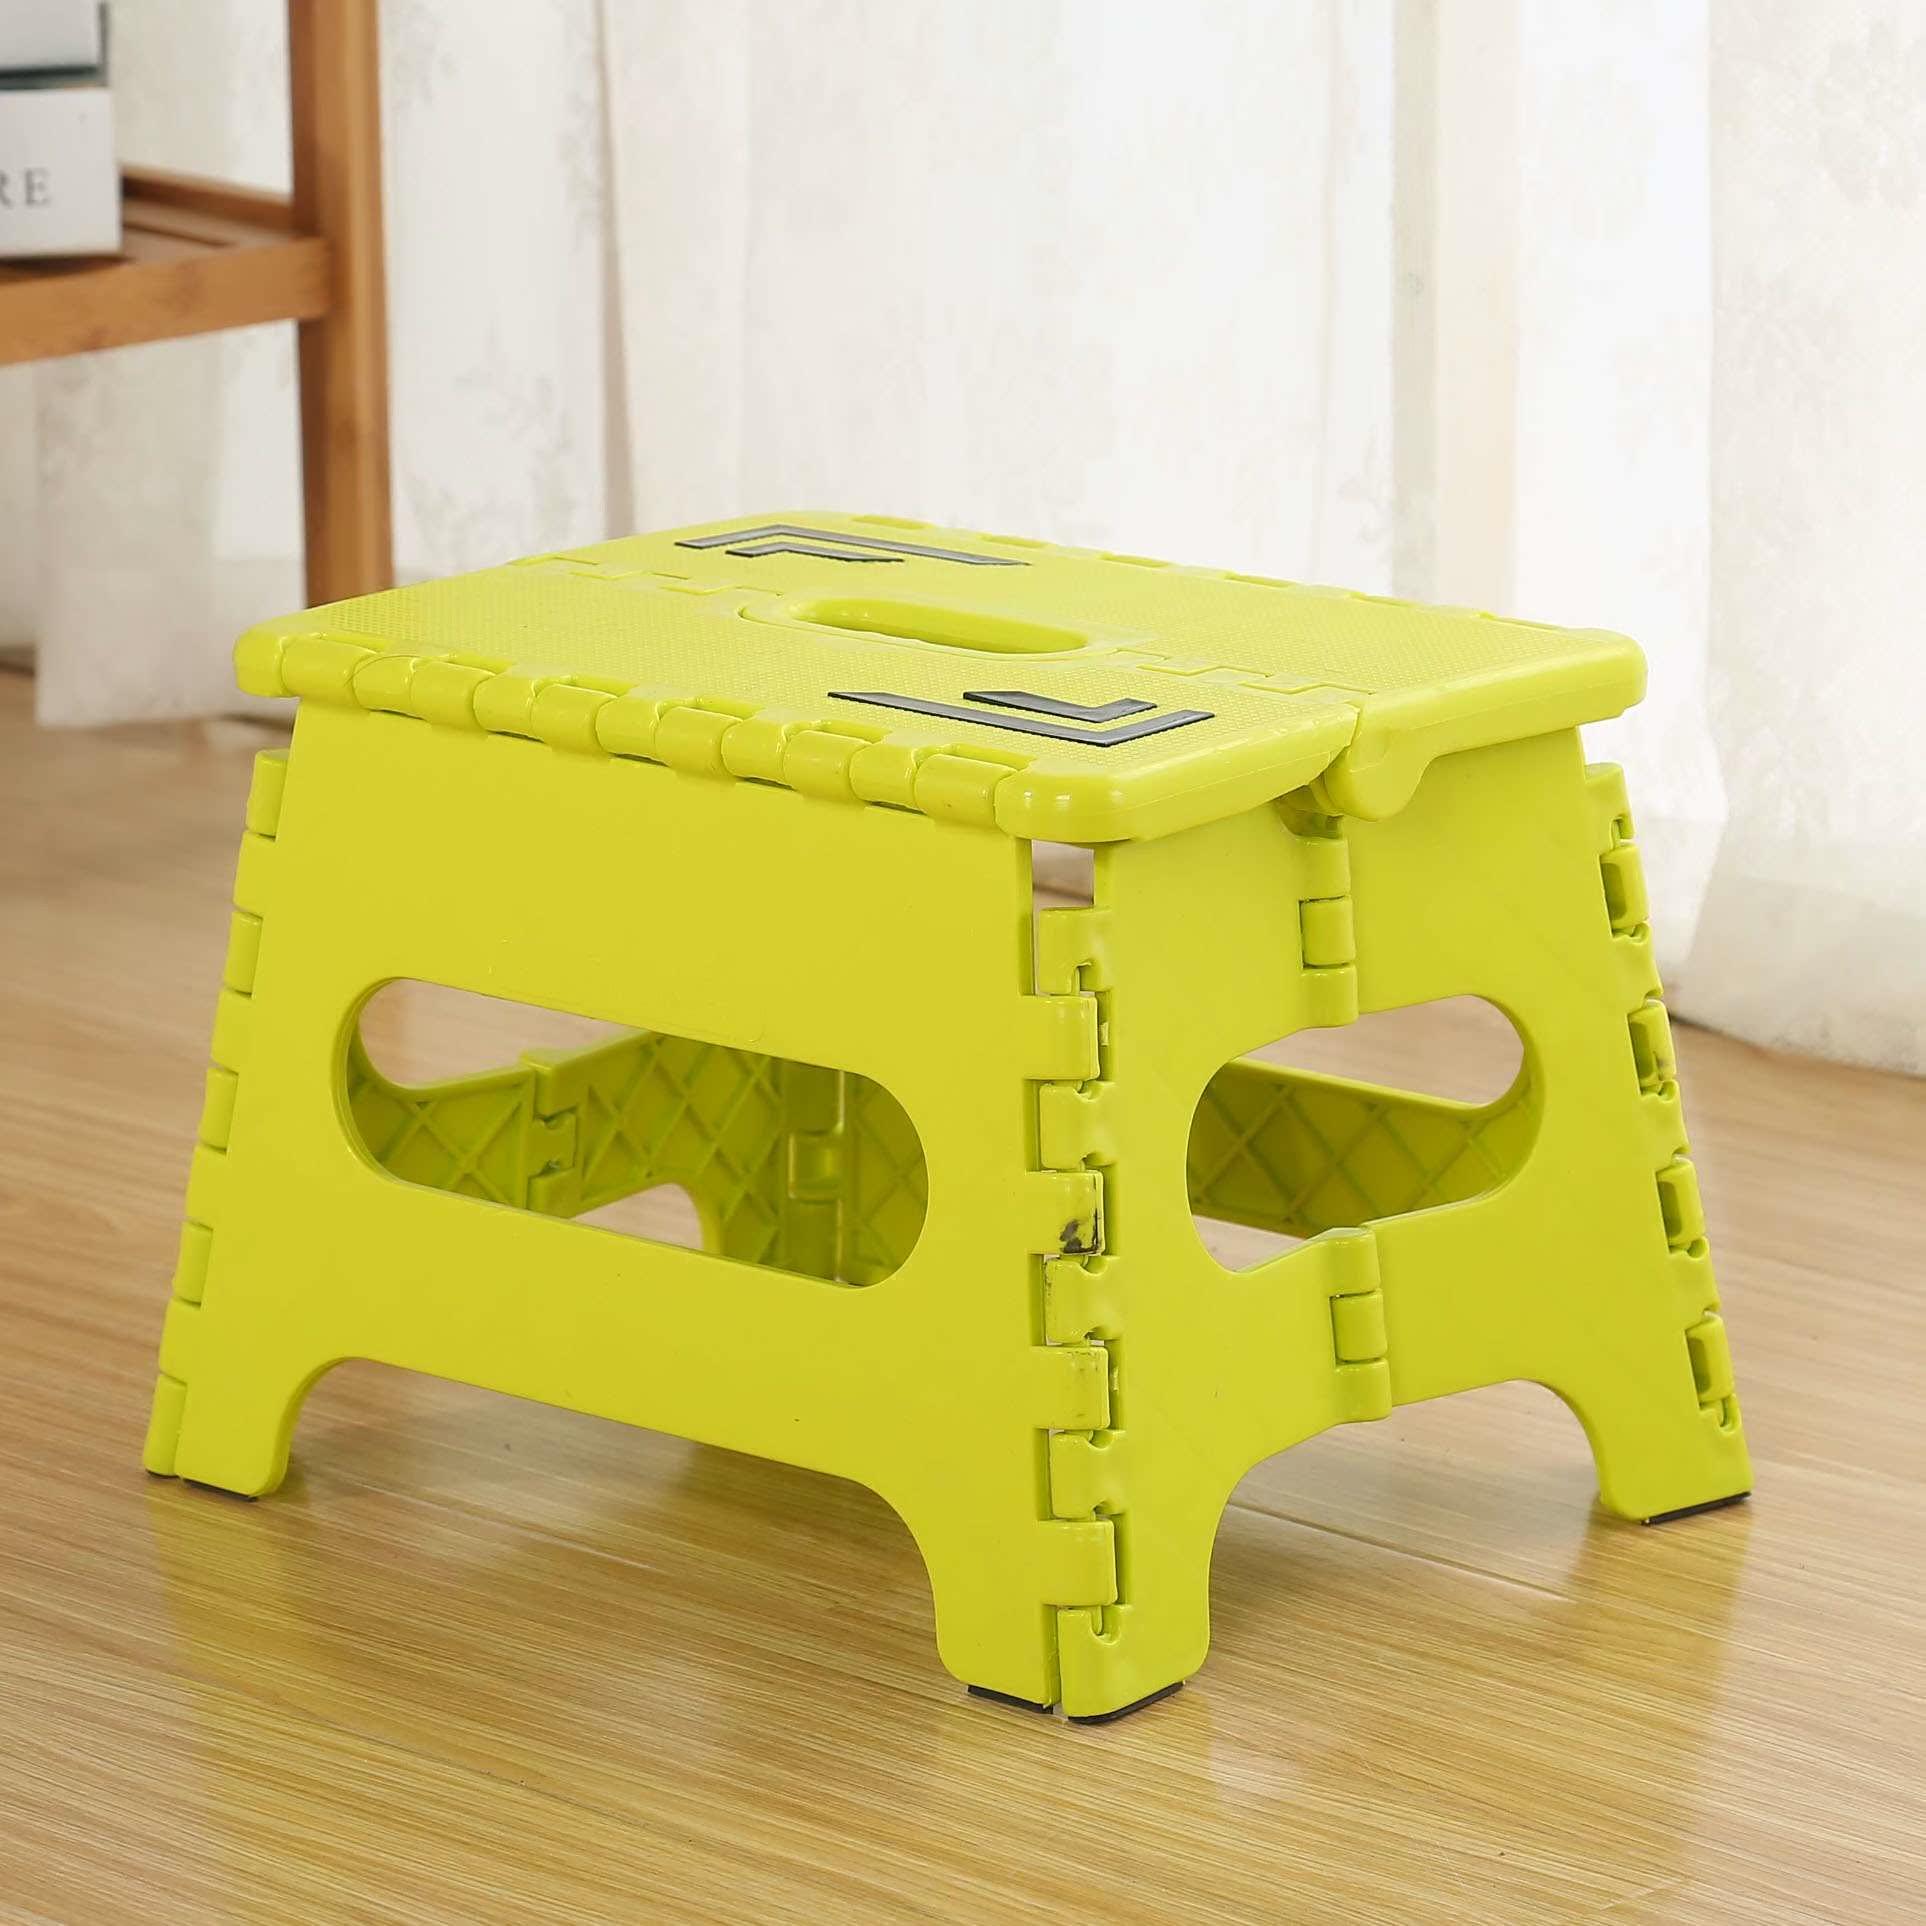 加厚款可折叠凳子便携式小板凳火车马扎塑料凳子成人家用户外椅子